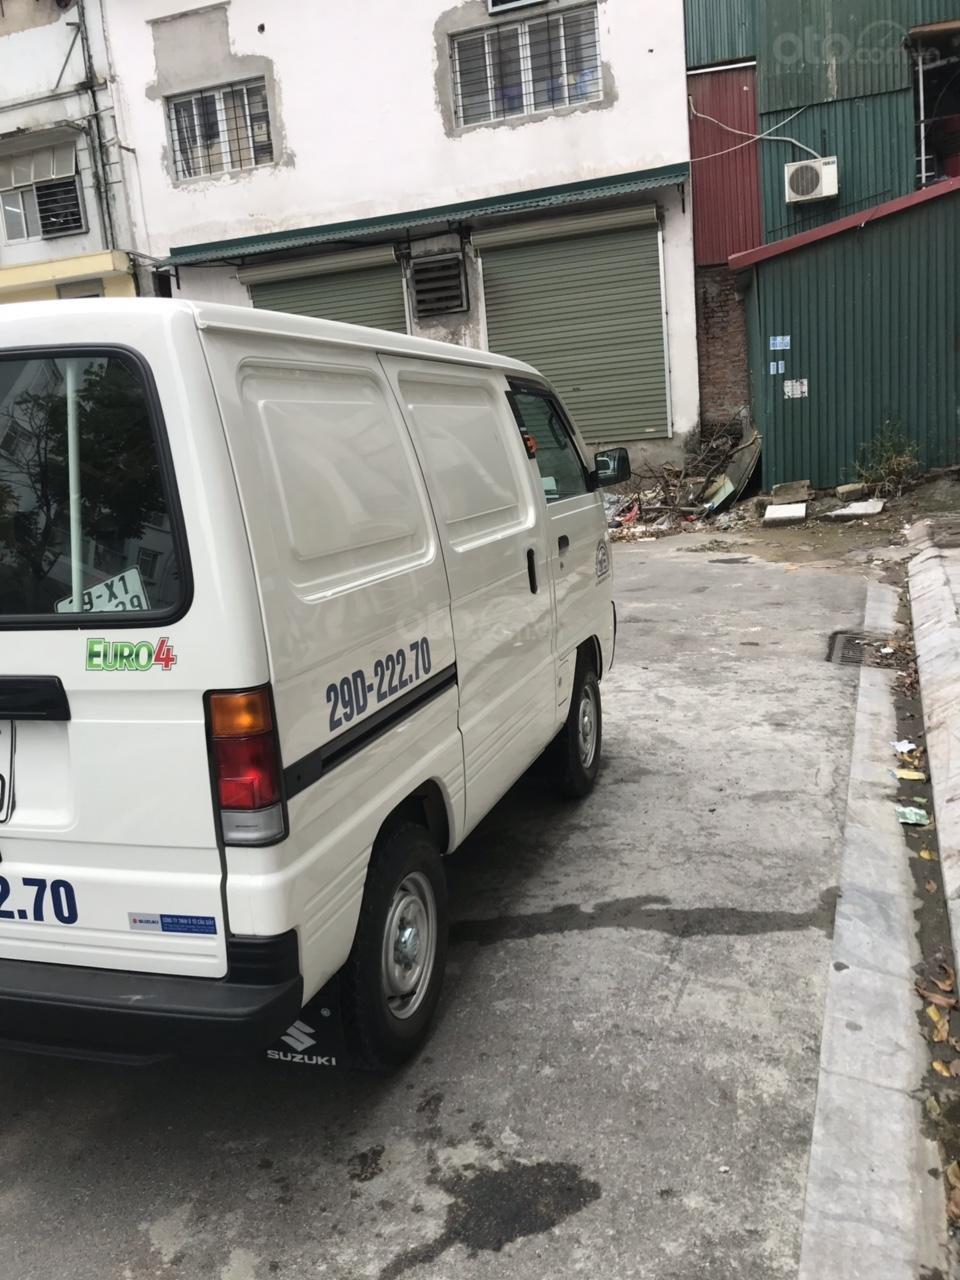 Cực hot Suzuki tải Van siêu lướt 2019 biển Hà Nội (6)